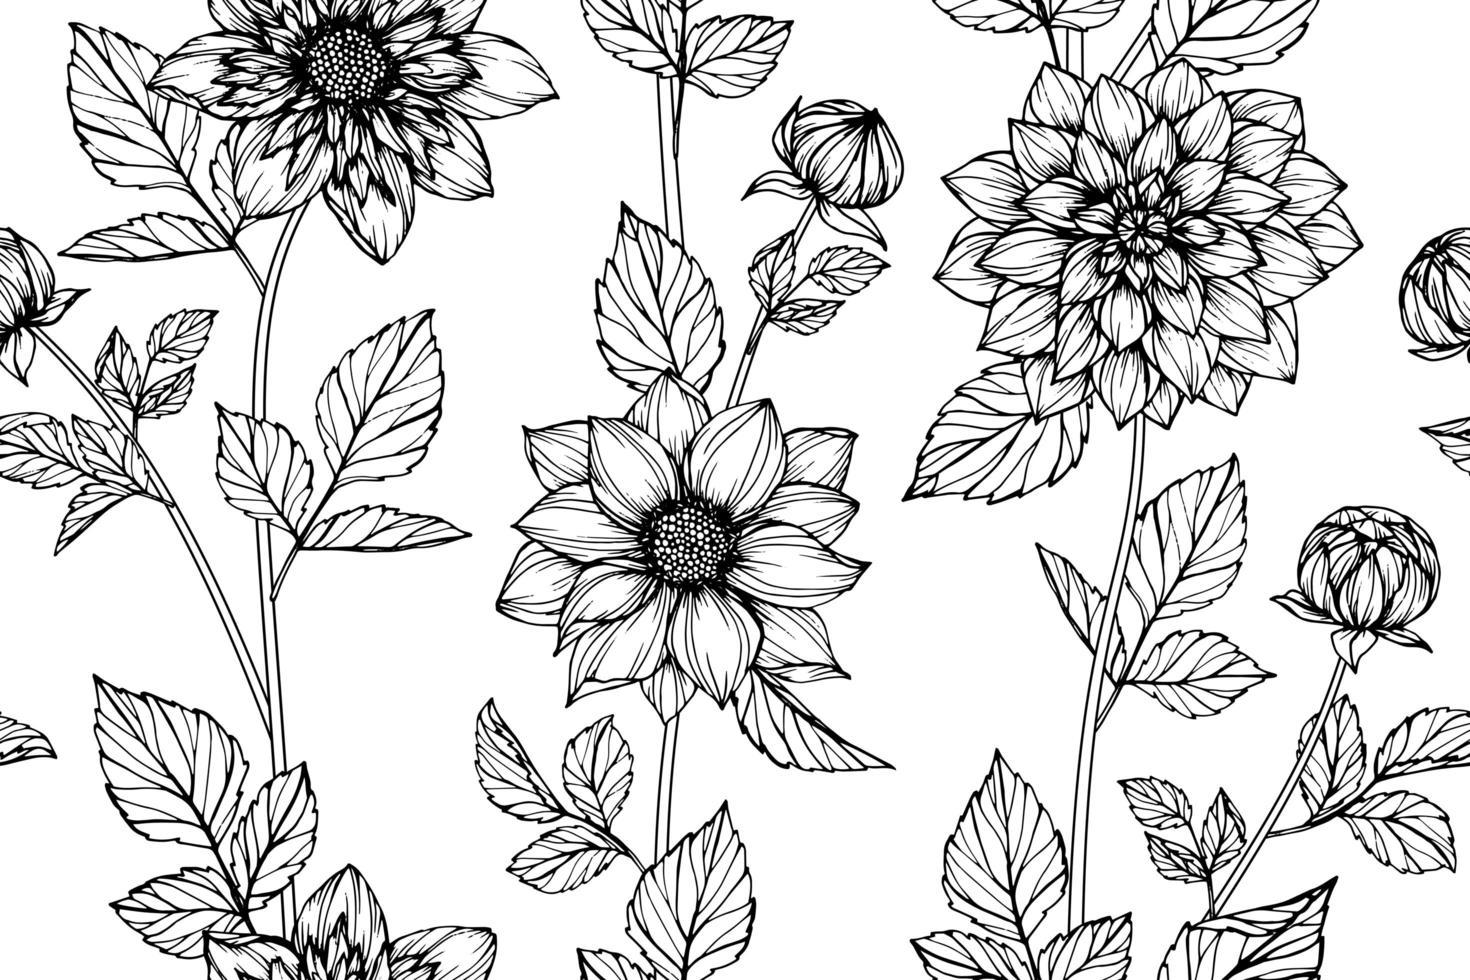 modèle sans couture de fleur de dahlia dessiné à la main vecteur